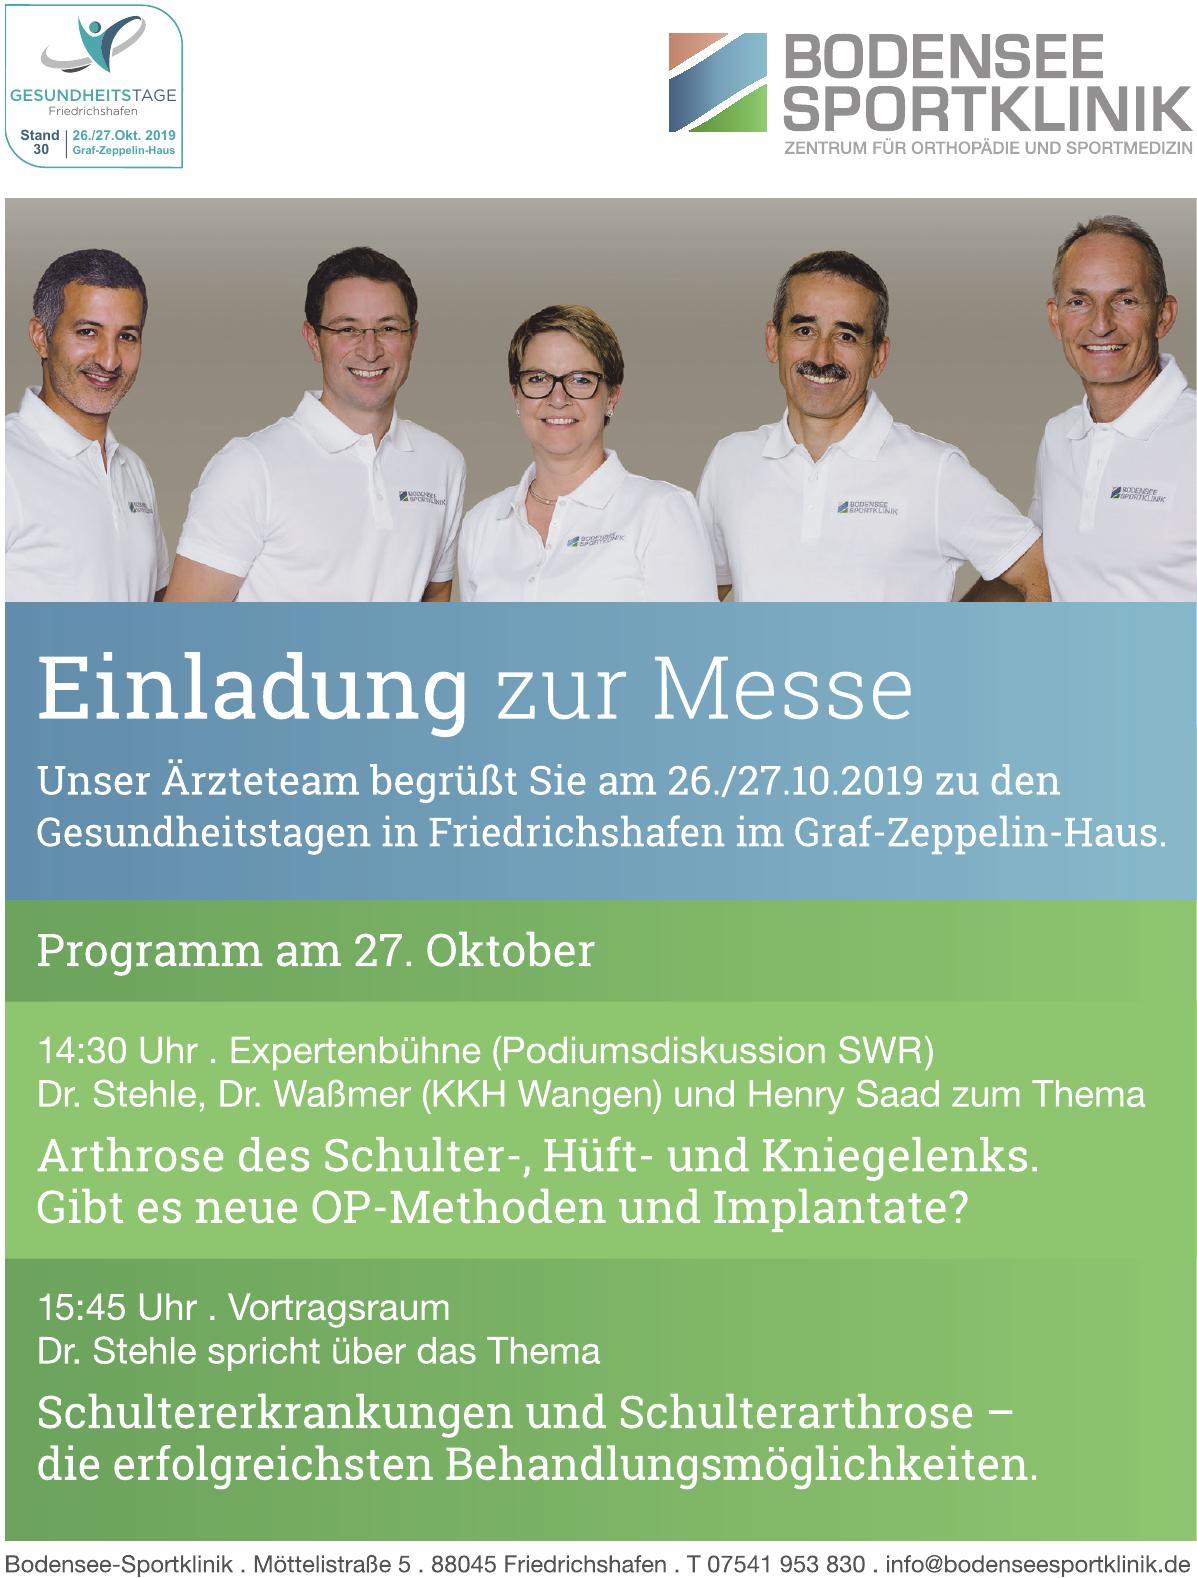 Bodensee-Sportklinik